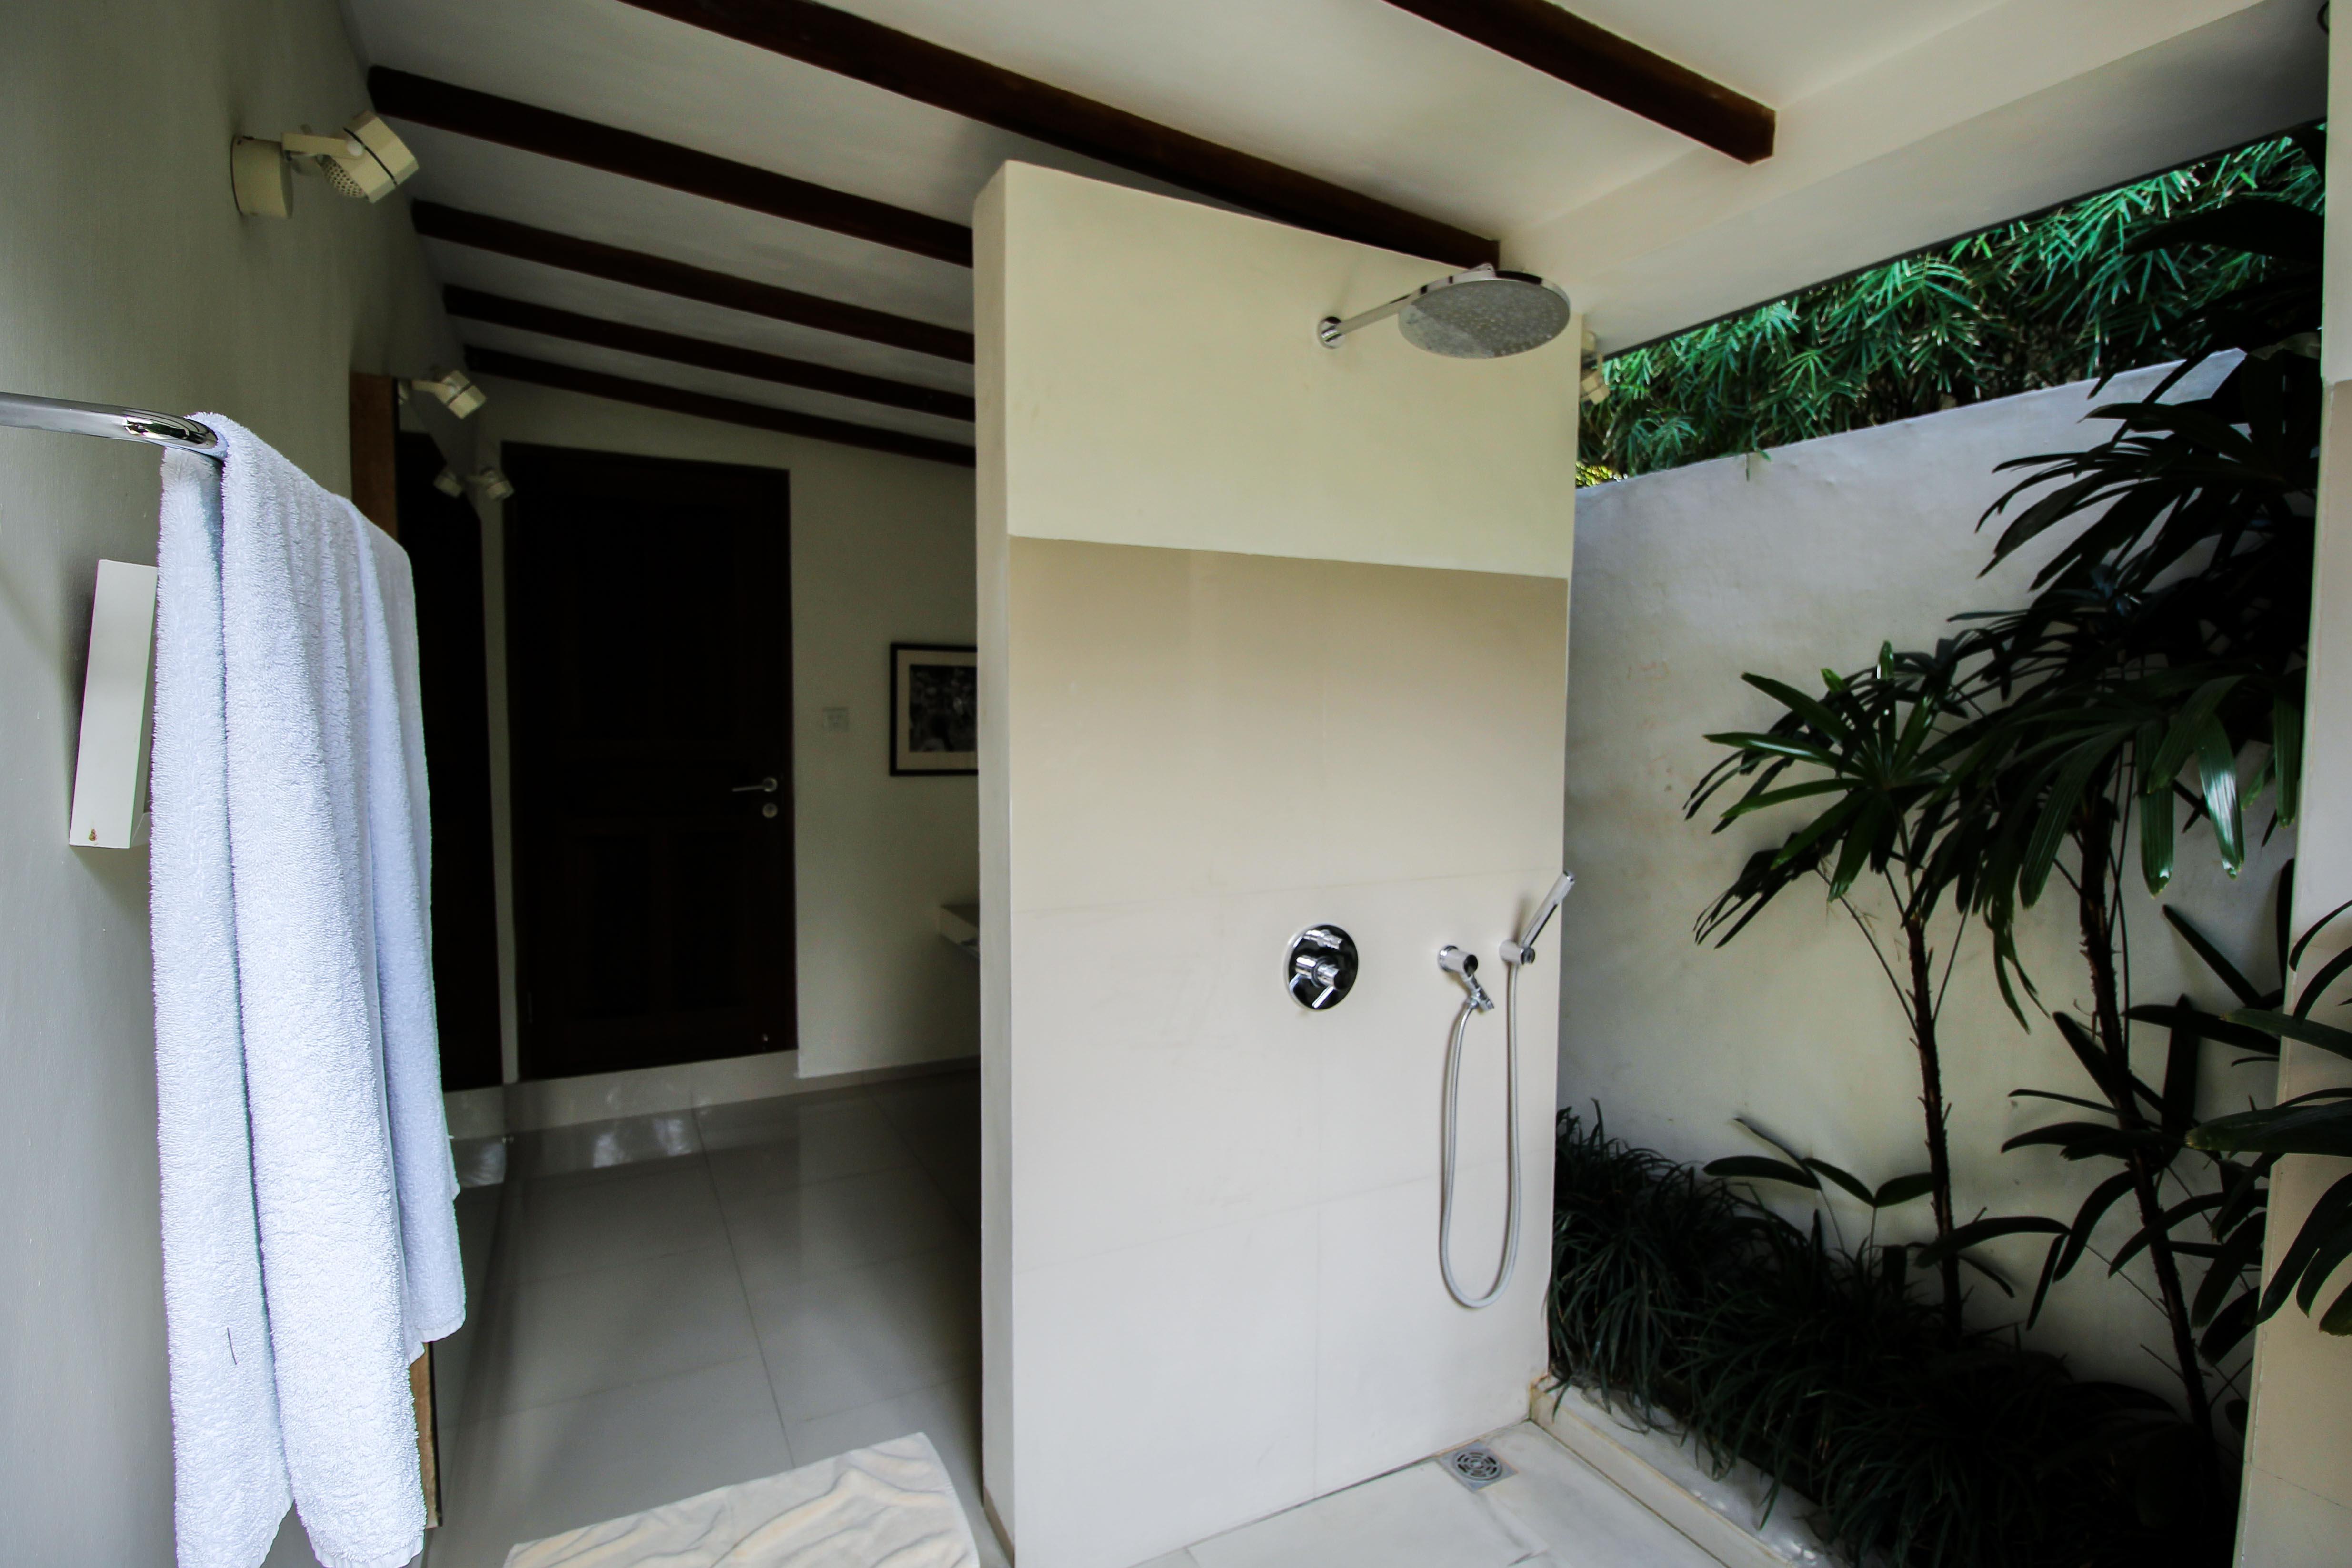 Sahana Villas Seminyak Poolvilla 3 Bedroom Seminyak Bali Luxusvilla mieten Badezimmer draußen offen Reiseblogger